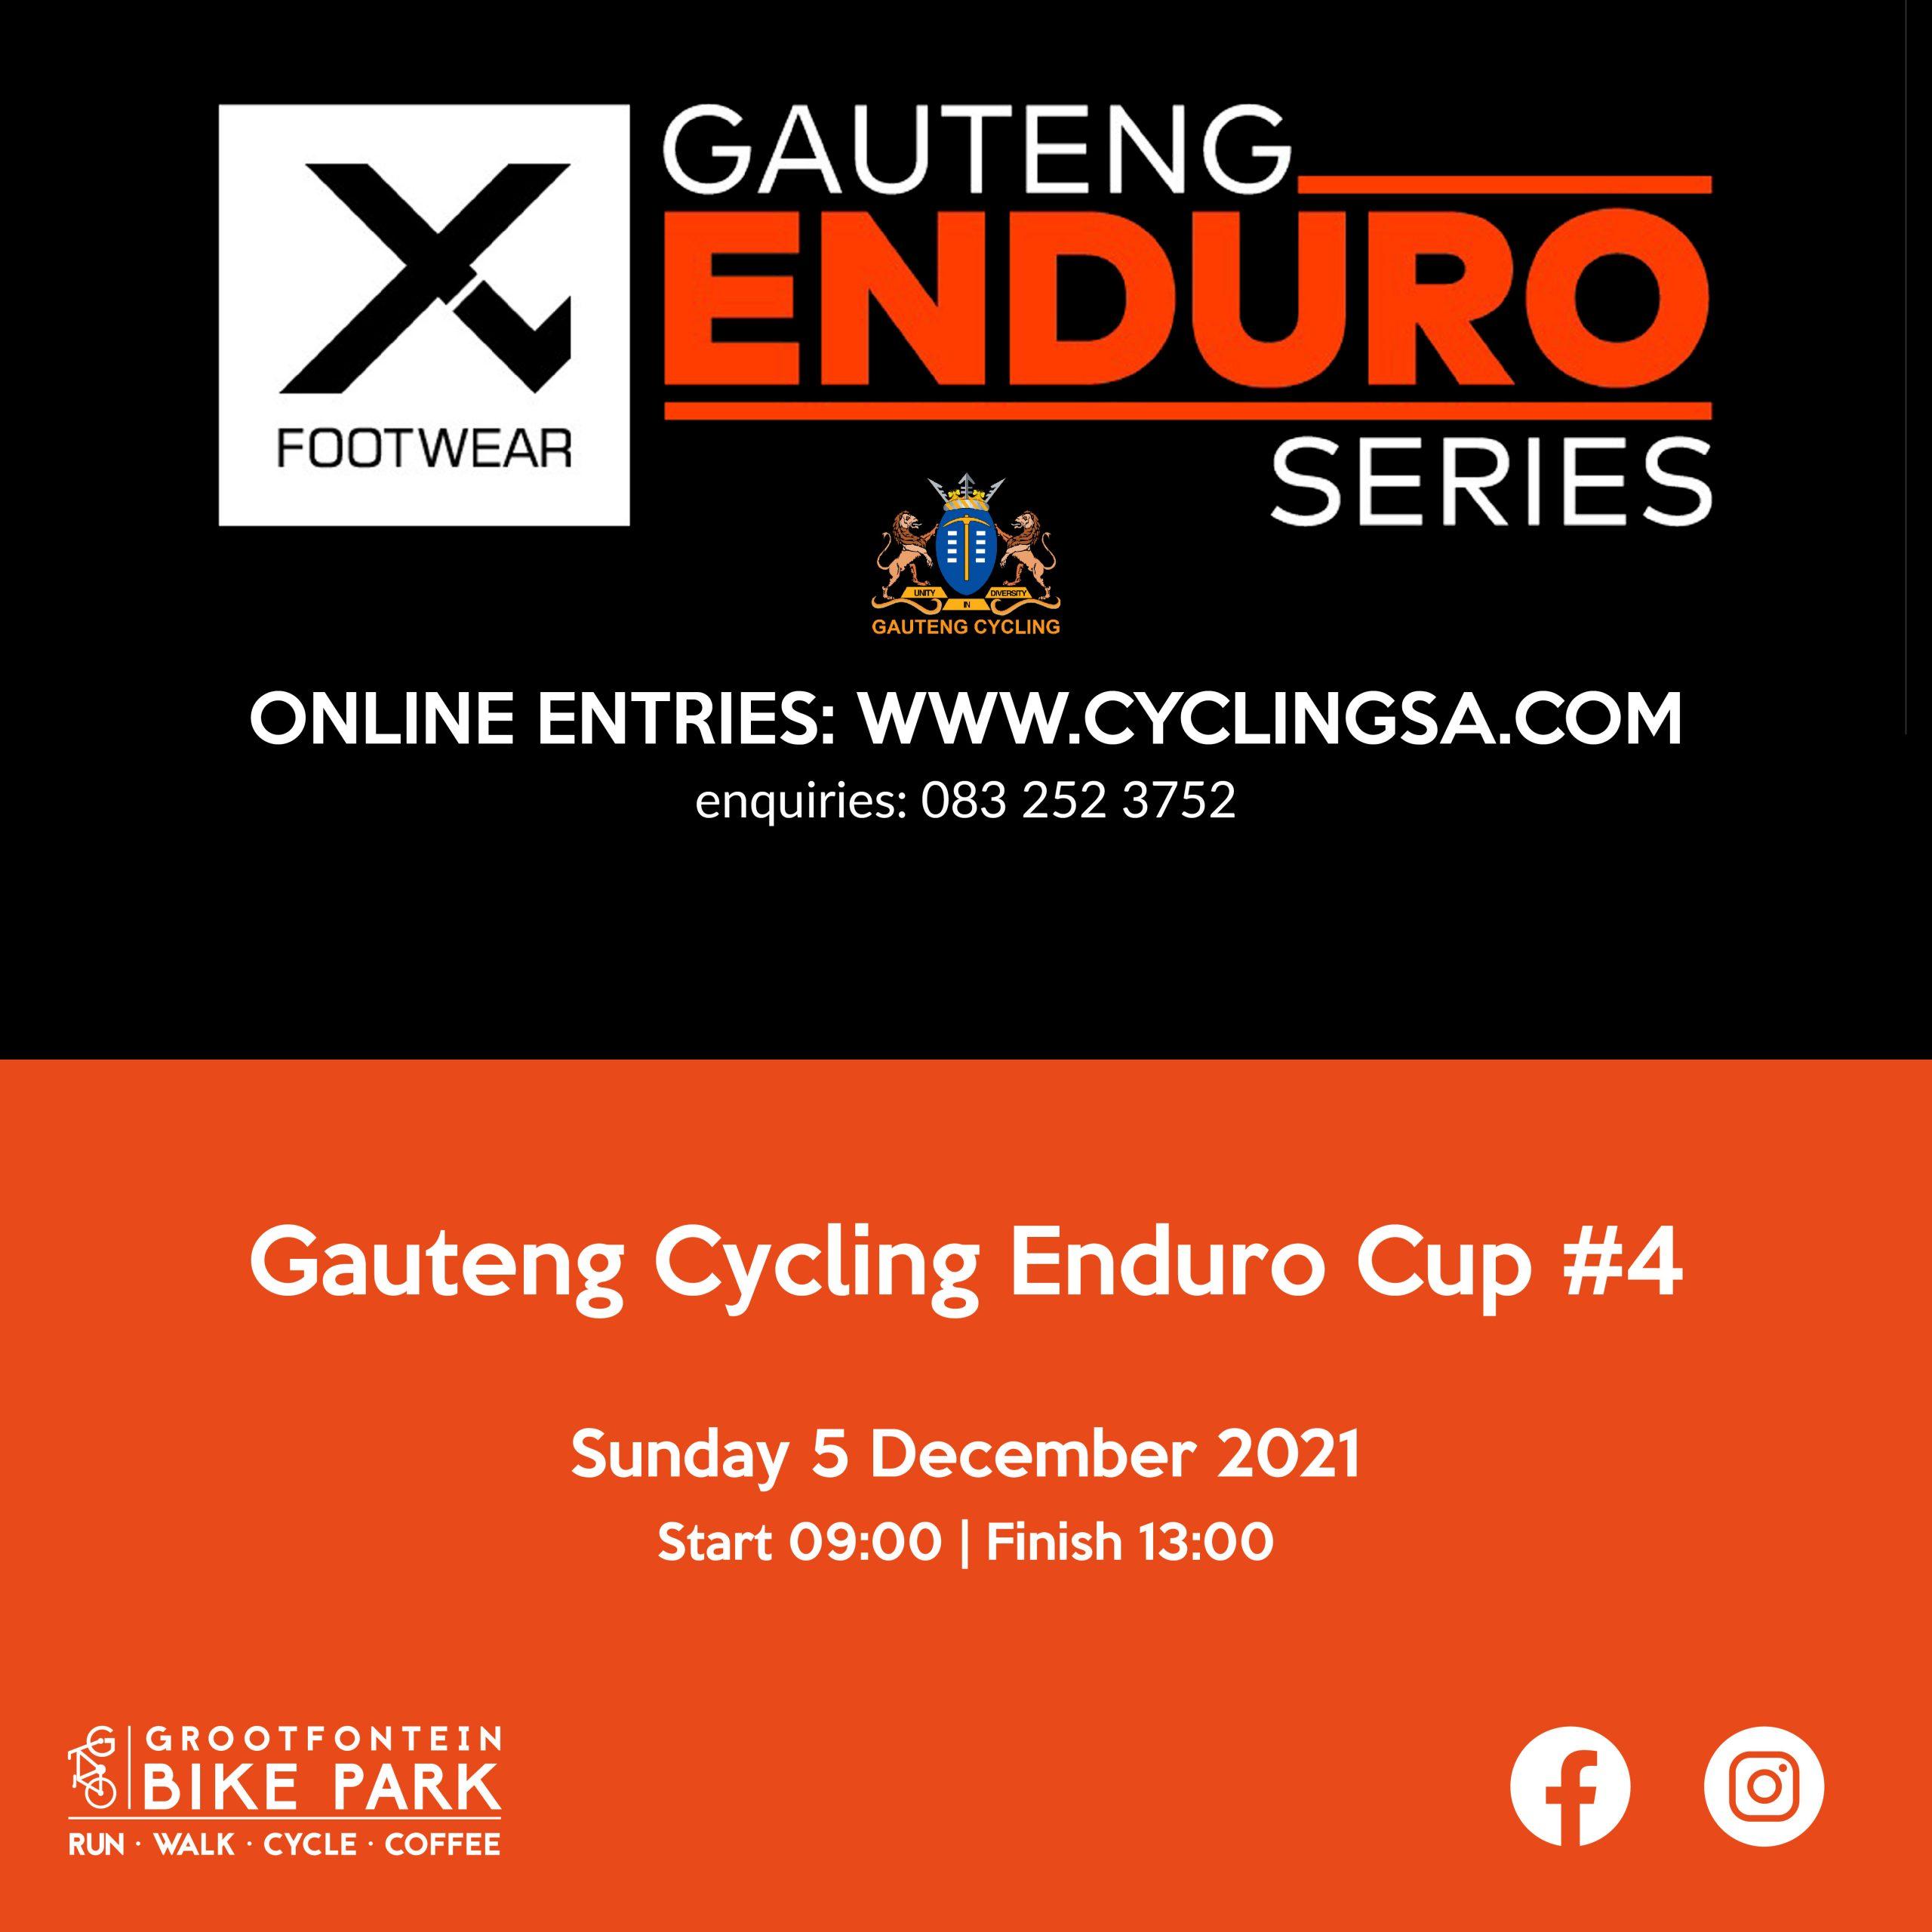 Gauteng Cycling Enduro Cup #4